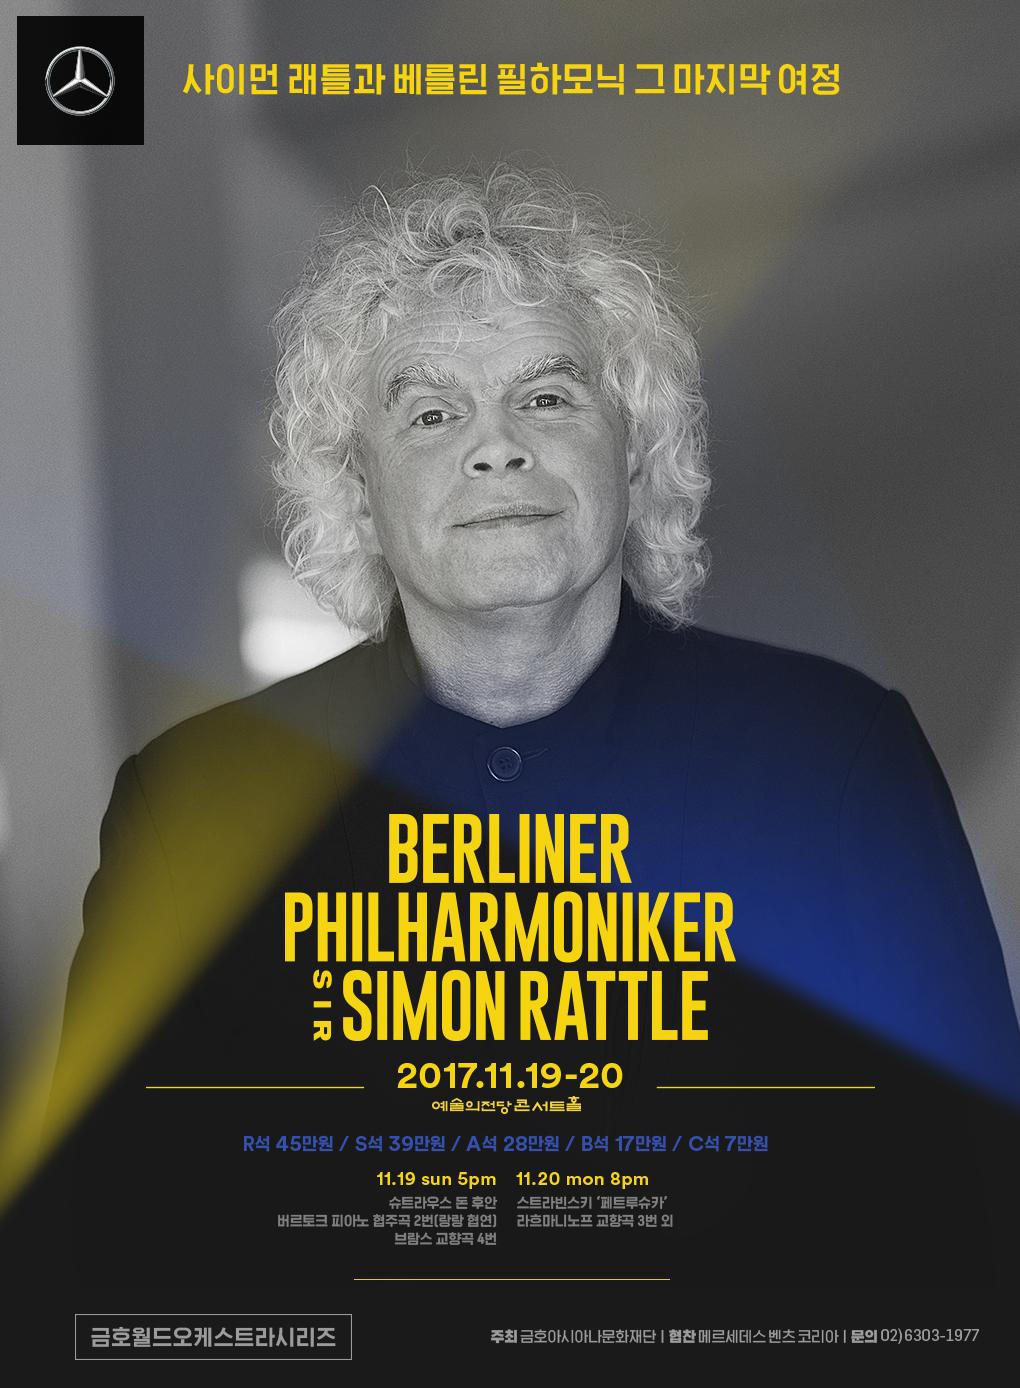 2017 베를린 필하모닉 오케스트라